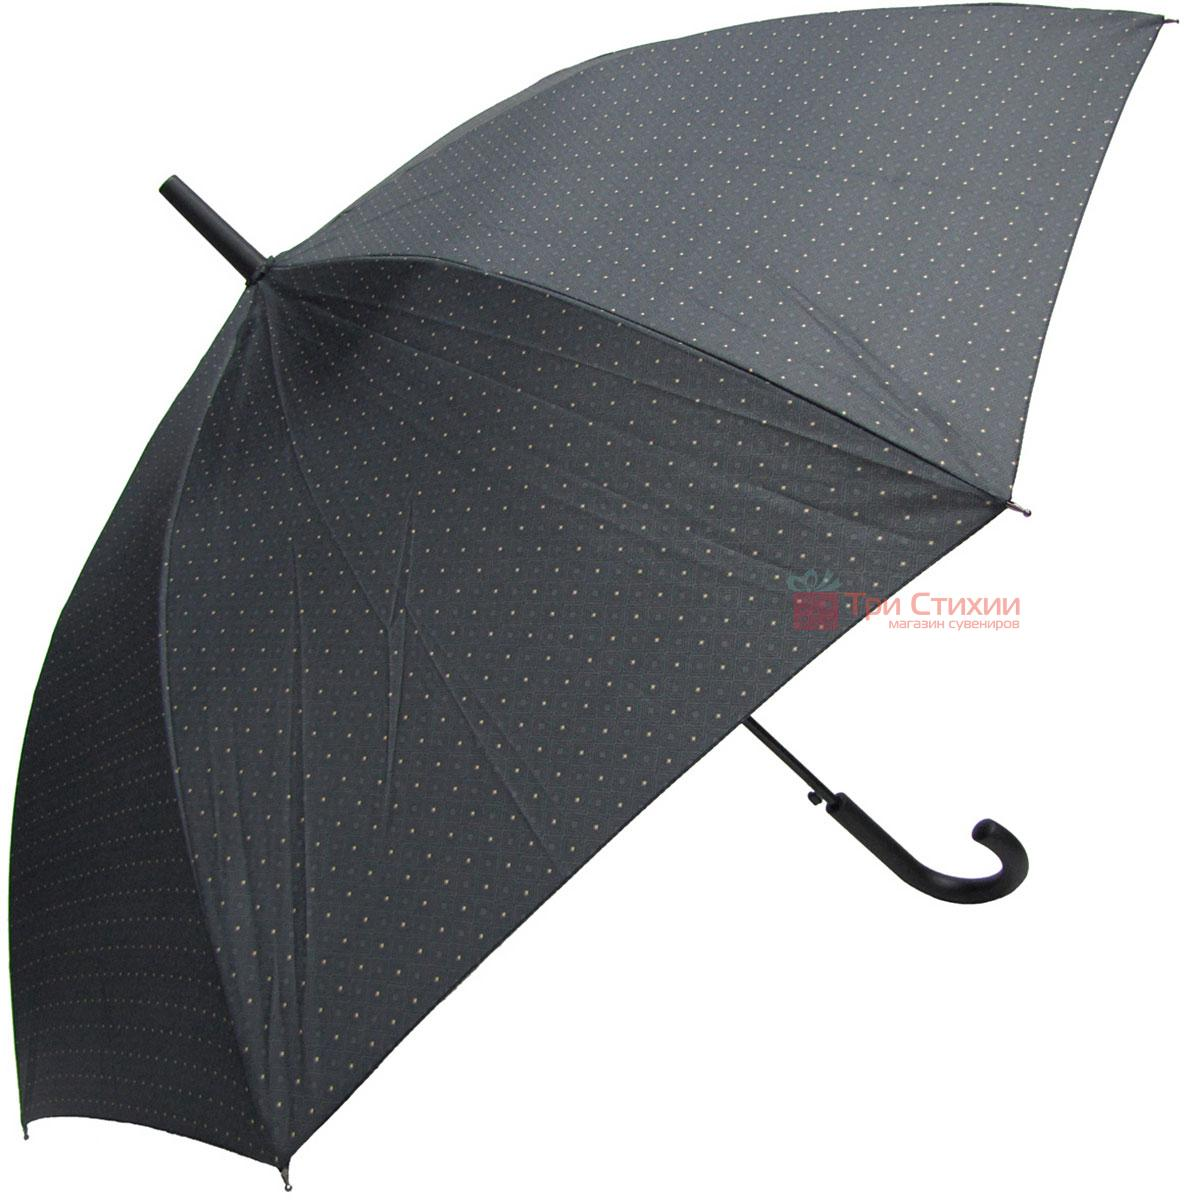 Зонт-трость Derby 77167P-1 полуавтомат Серый в ромбы, фото 3